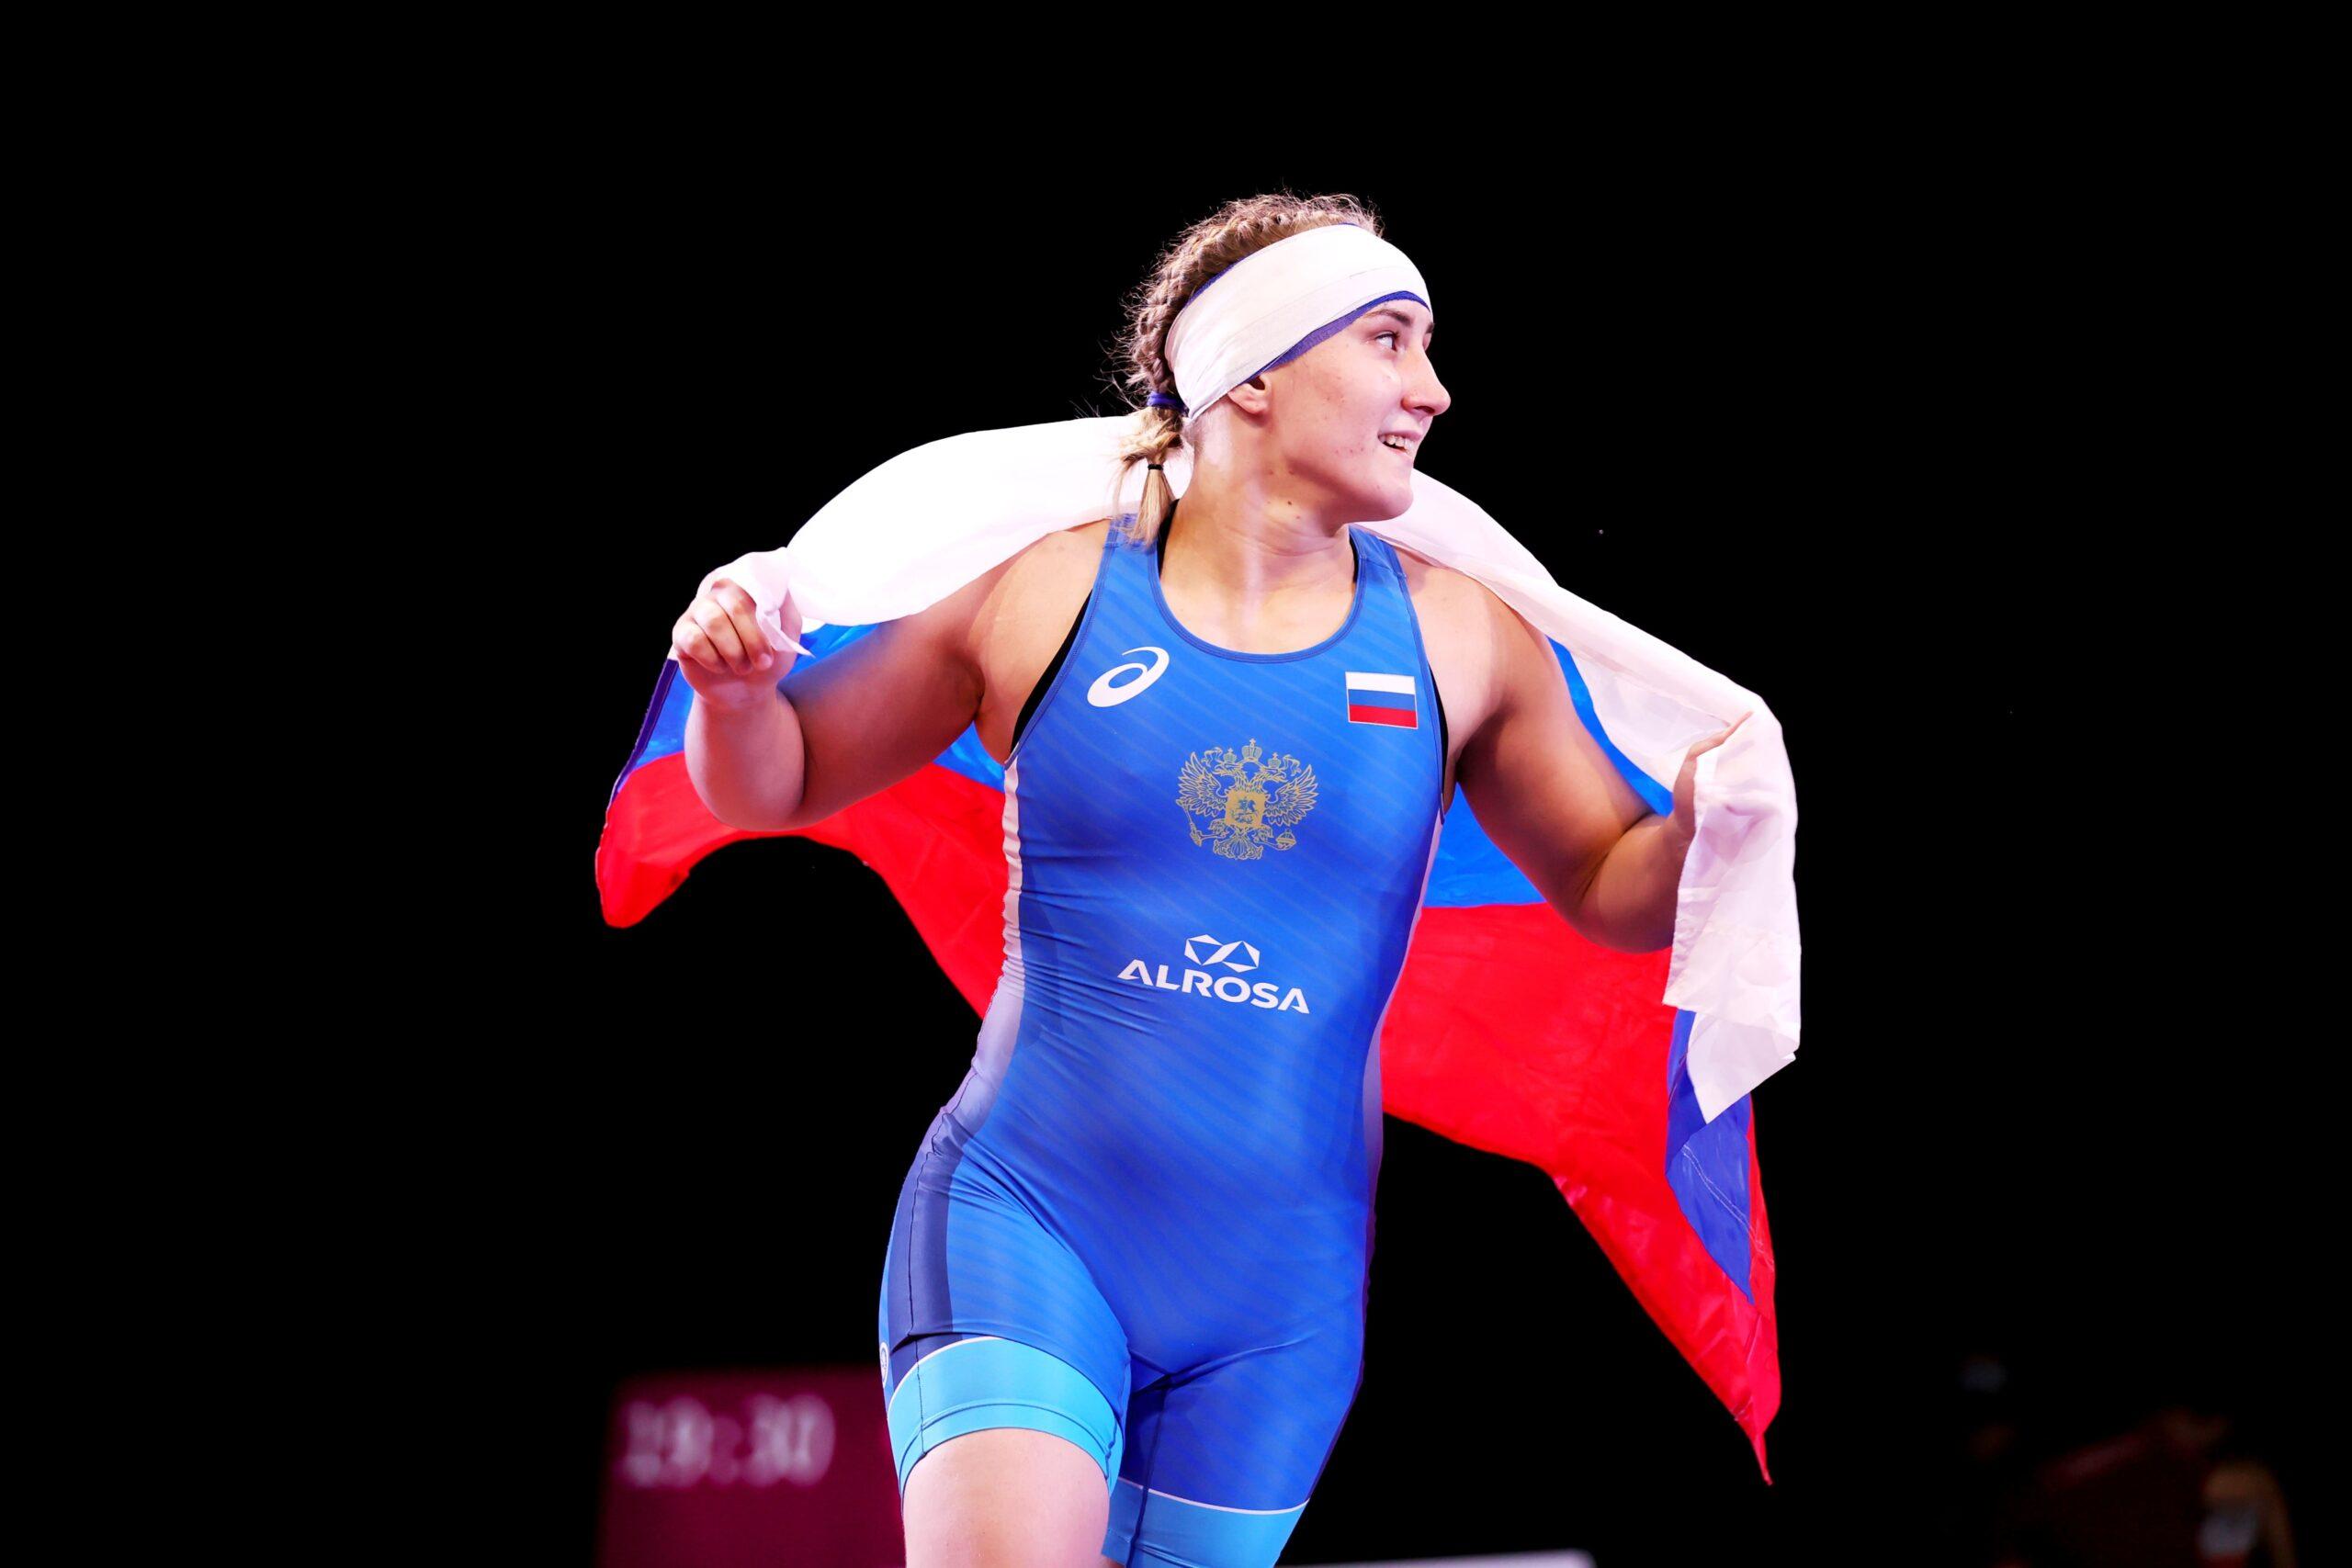 Евгения Захарченко одержала победу на юниорском первенстве Европы по спортивной борьбе